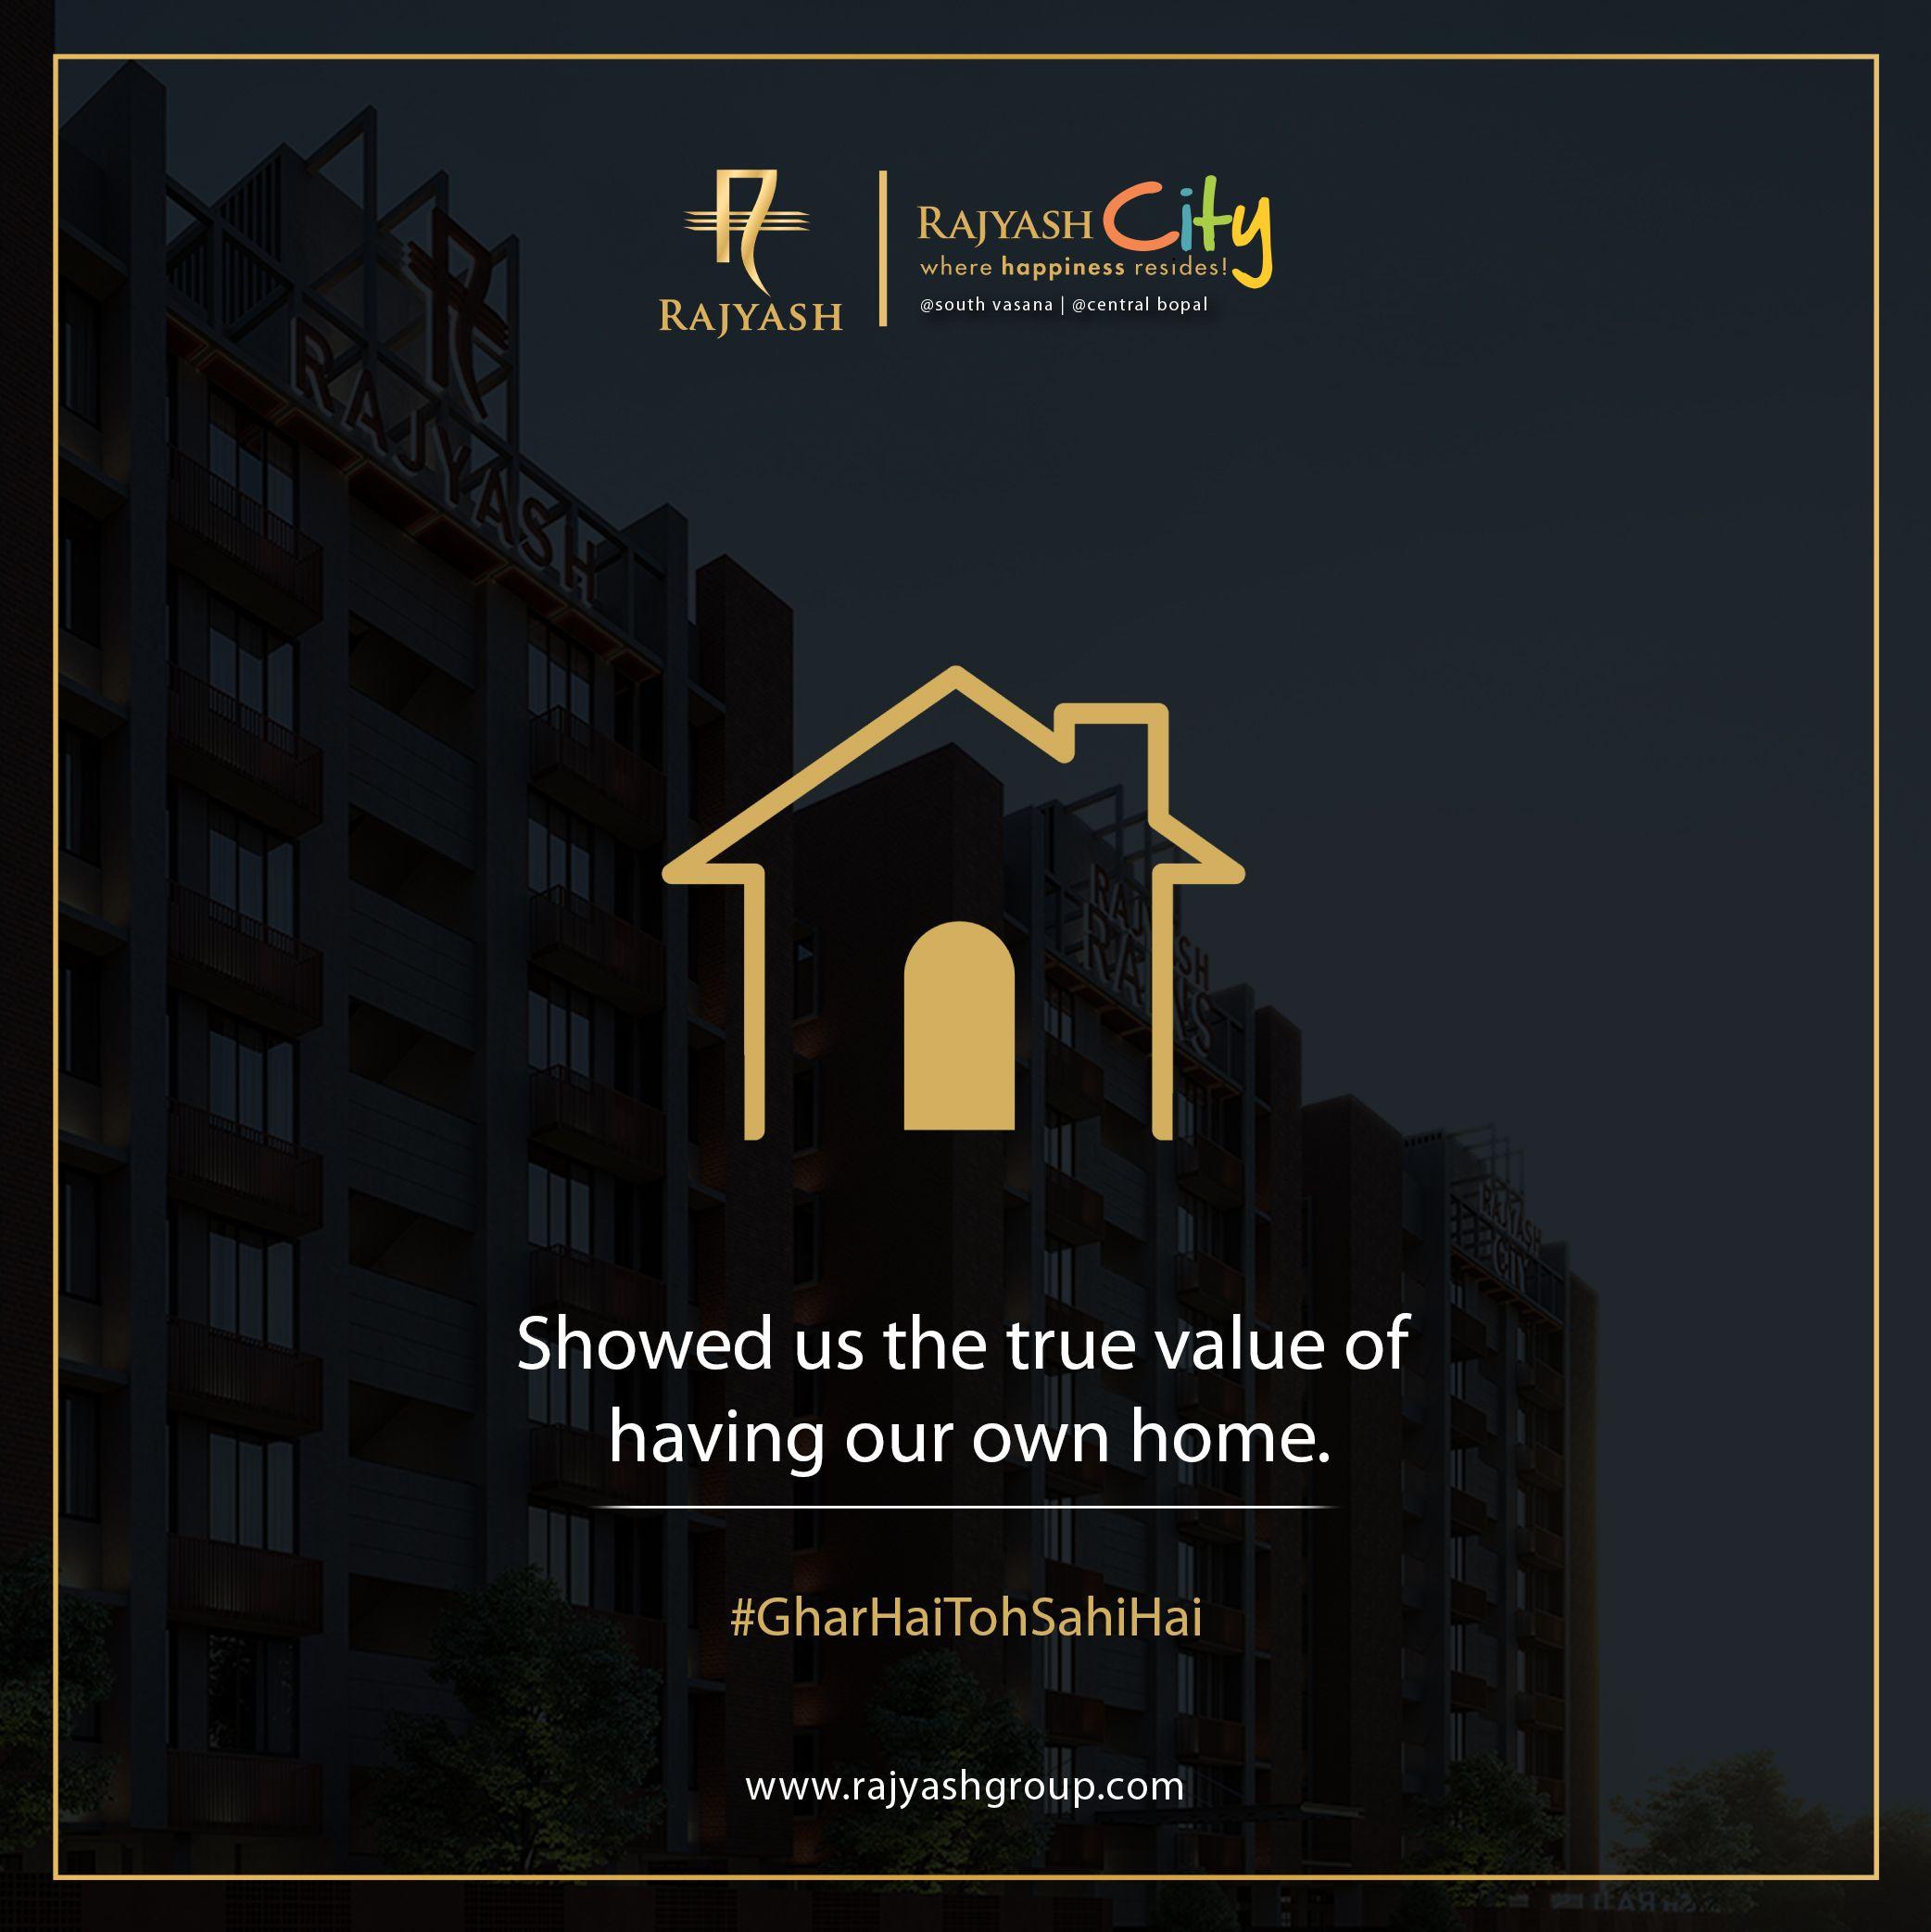 Live in the house of your dreams at RajYash Homes. . . . #GharHaiToSahiHai #DreamHome #RajYash #Rajyashgroup #Rajyashcity #Realestate #Buildinglandmarks #Investmentproperty #Royalrajyash #RajyashLandmark #Property #Ahmedabad